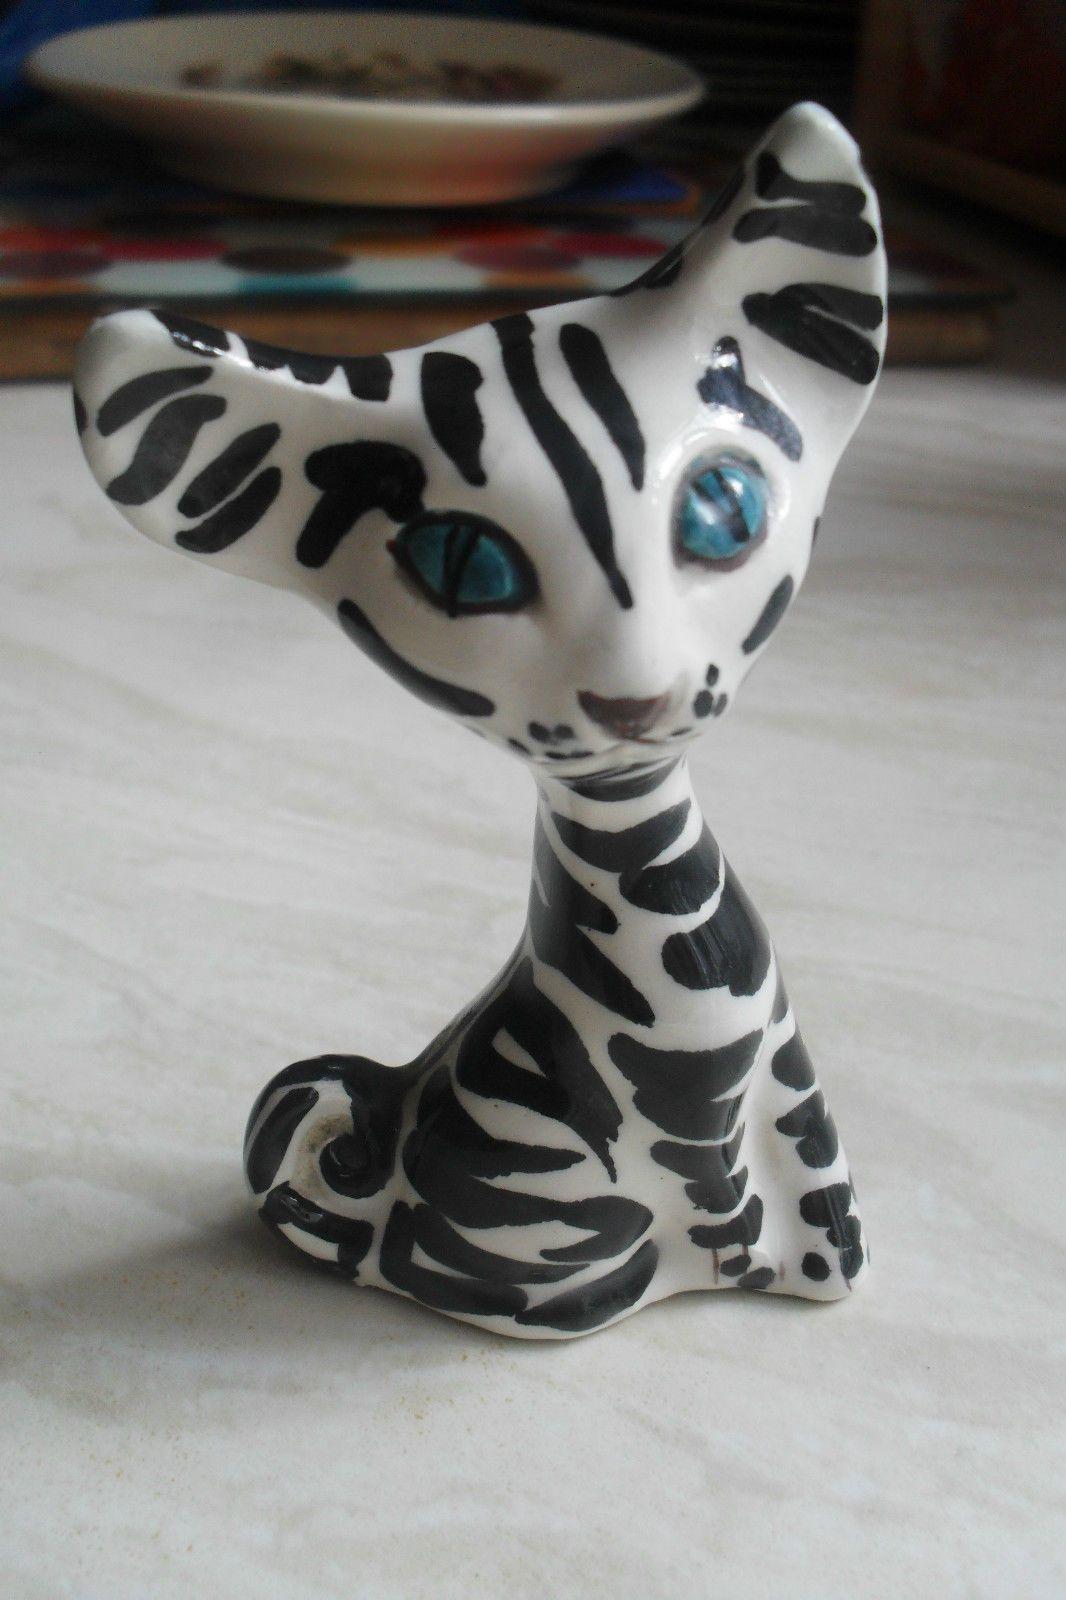 'ceramics tosca' made in italy - cat